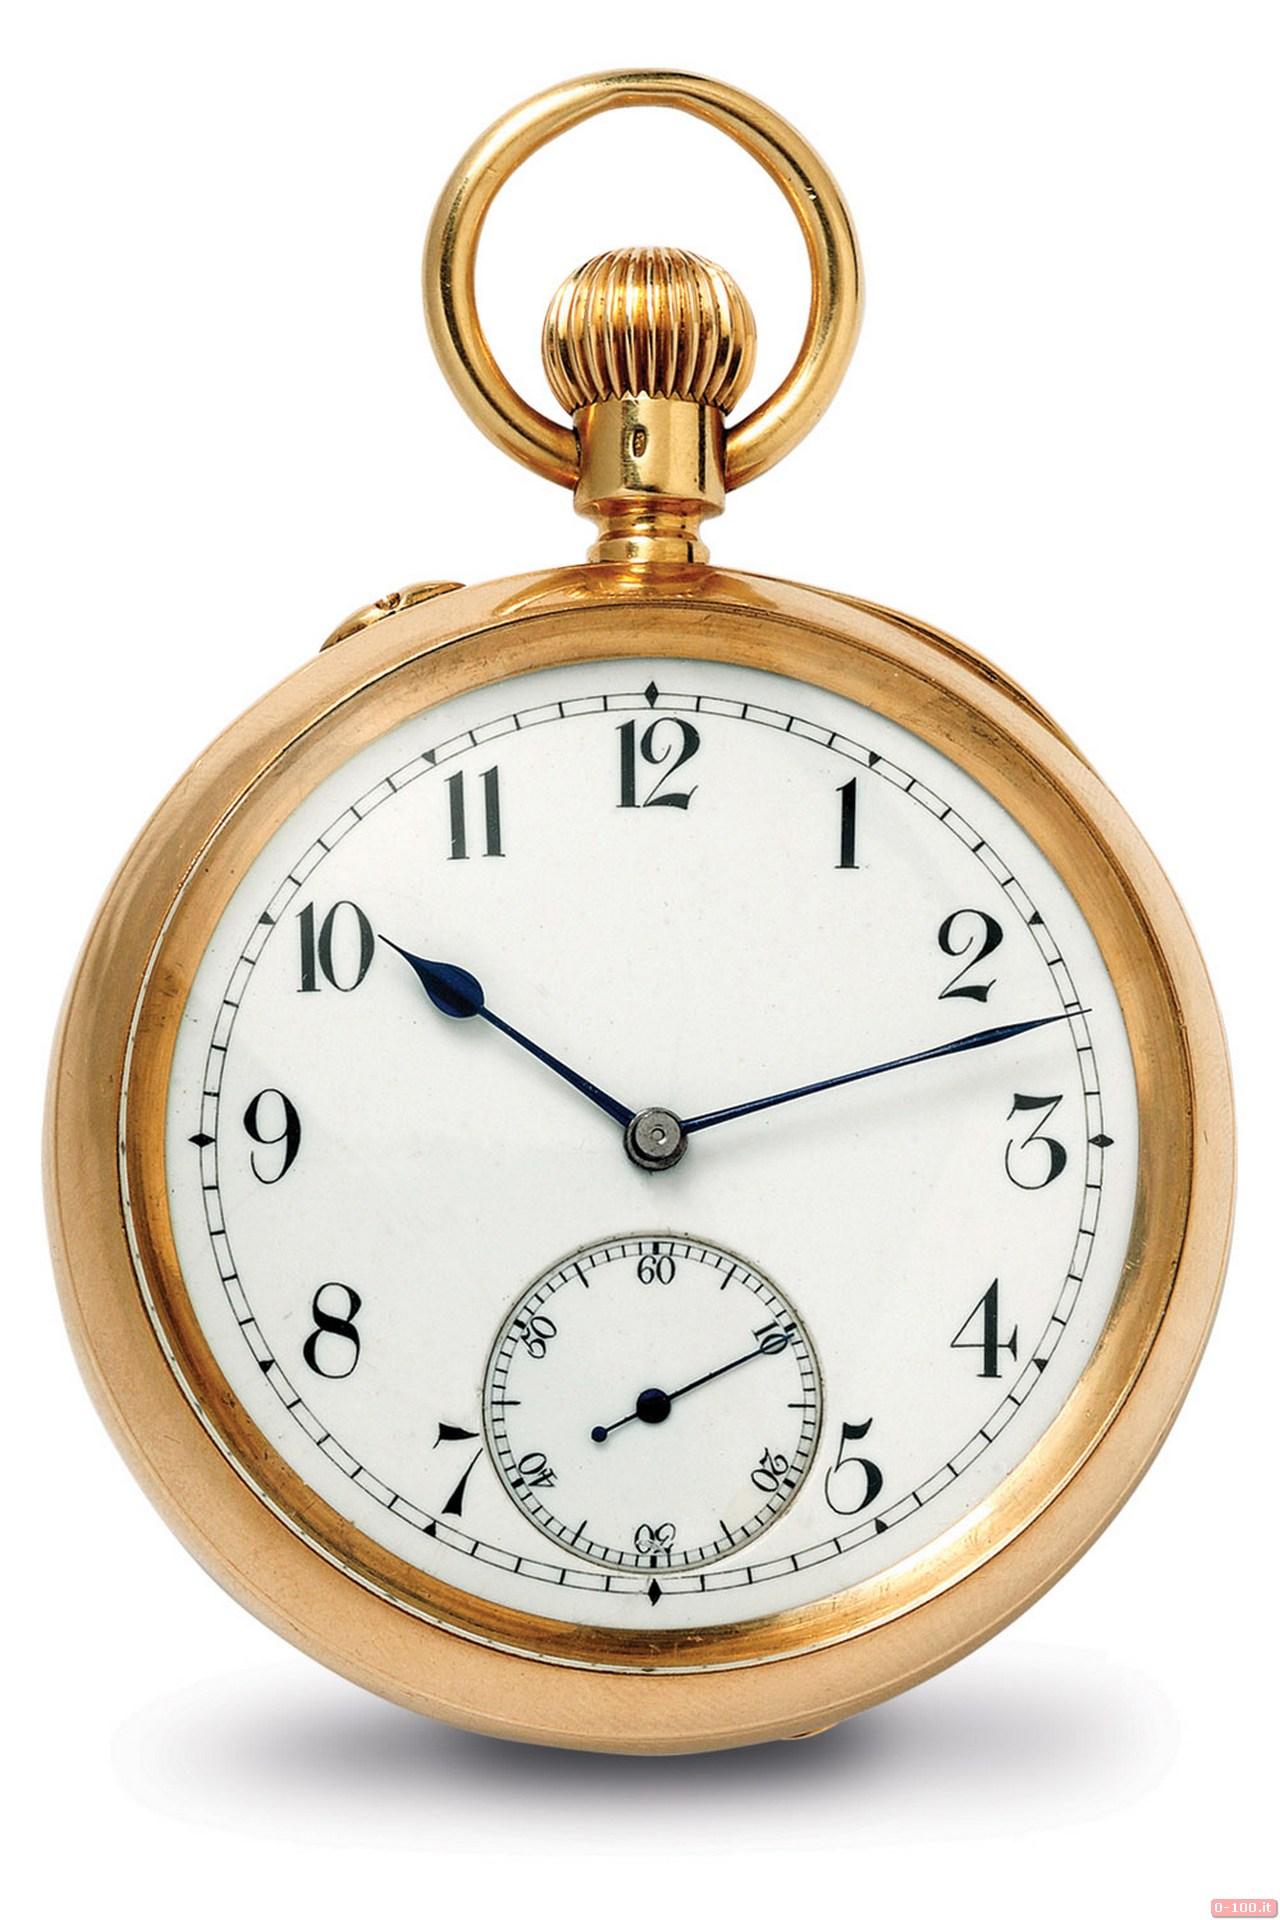 Baume-et-Mercier-chronometer-tourbillon-1892_0-1001